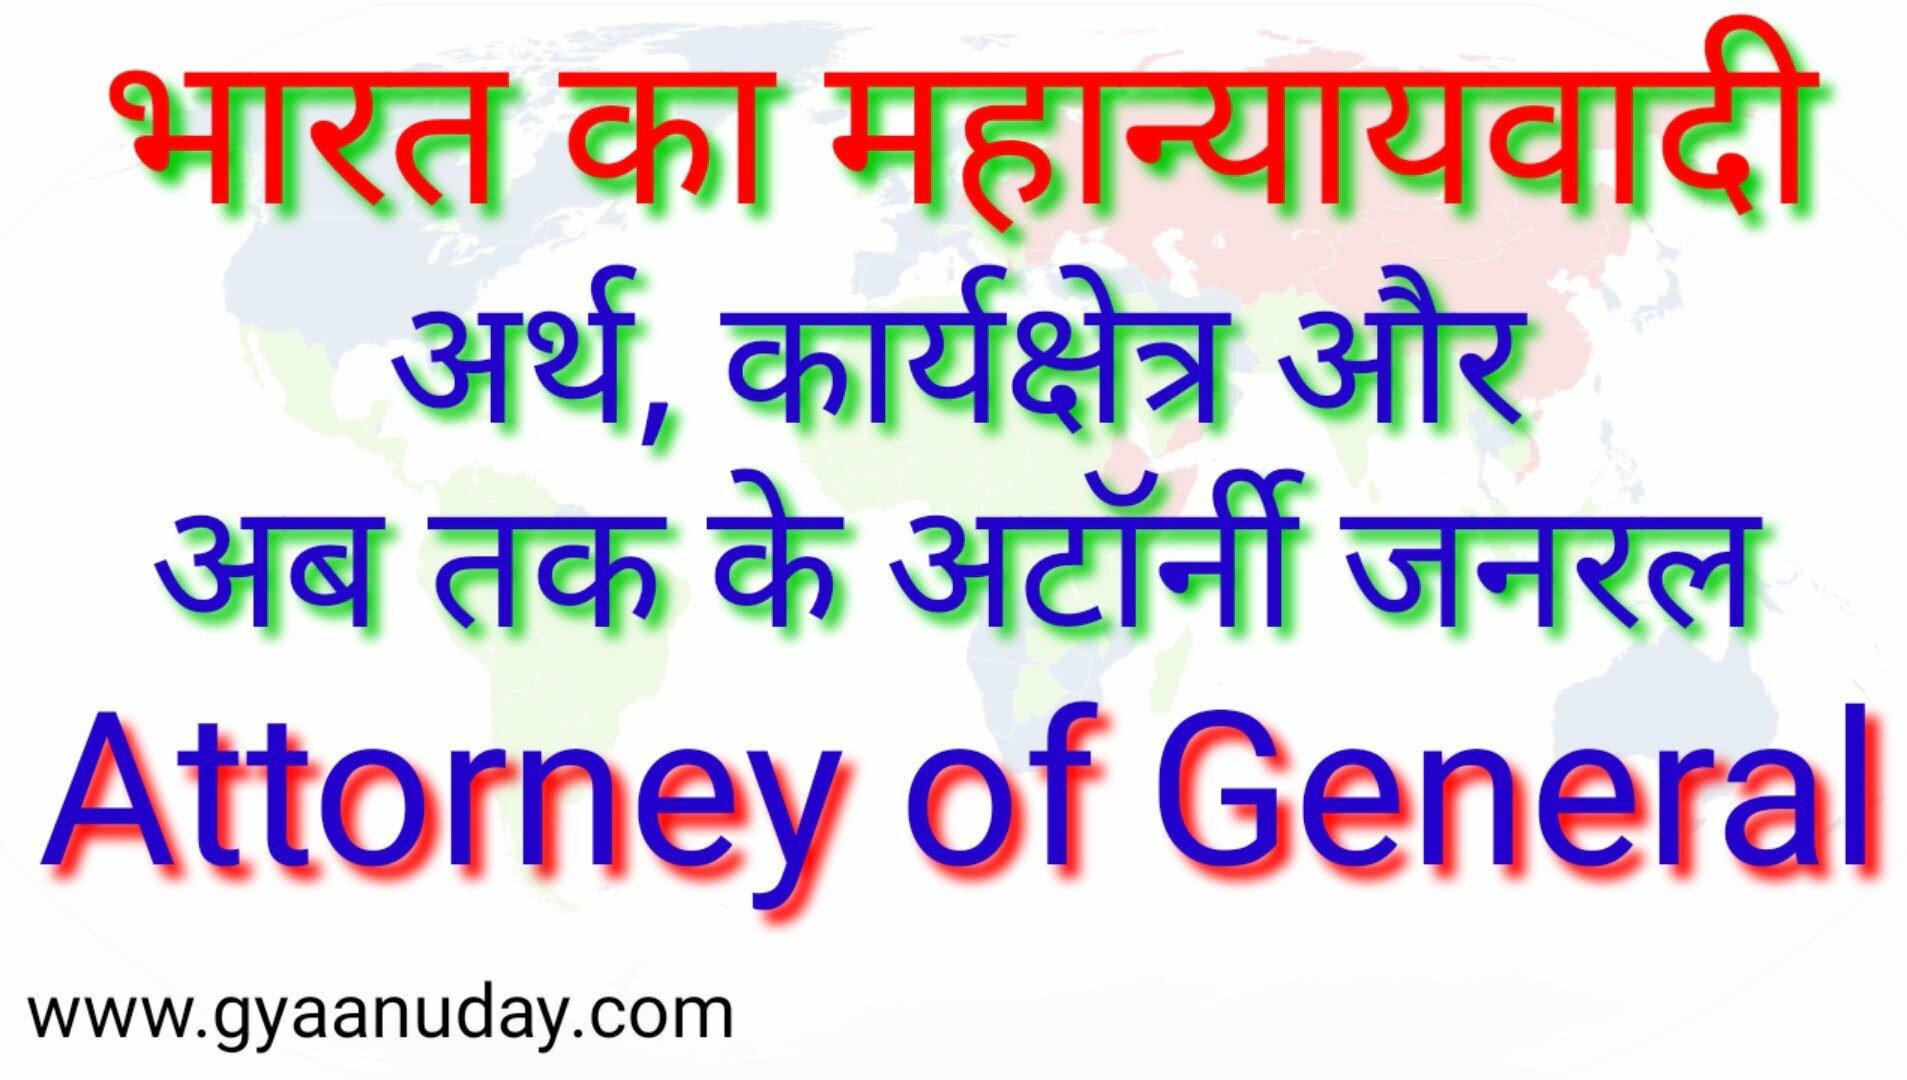 भारत का महान्यायवादी